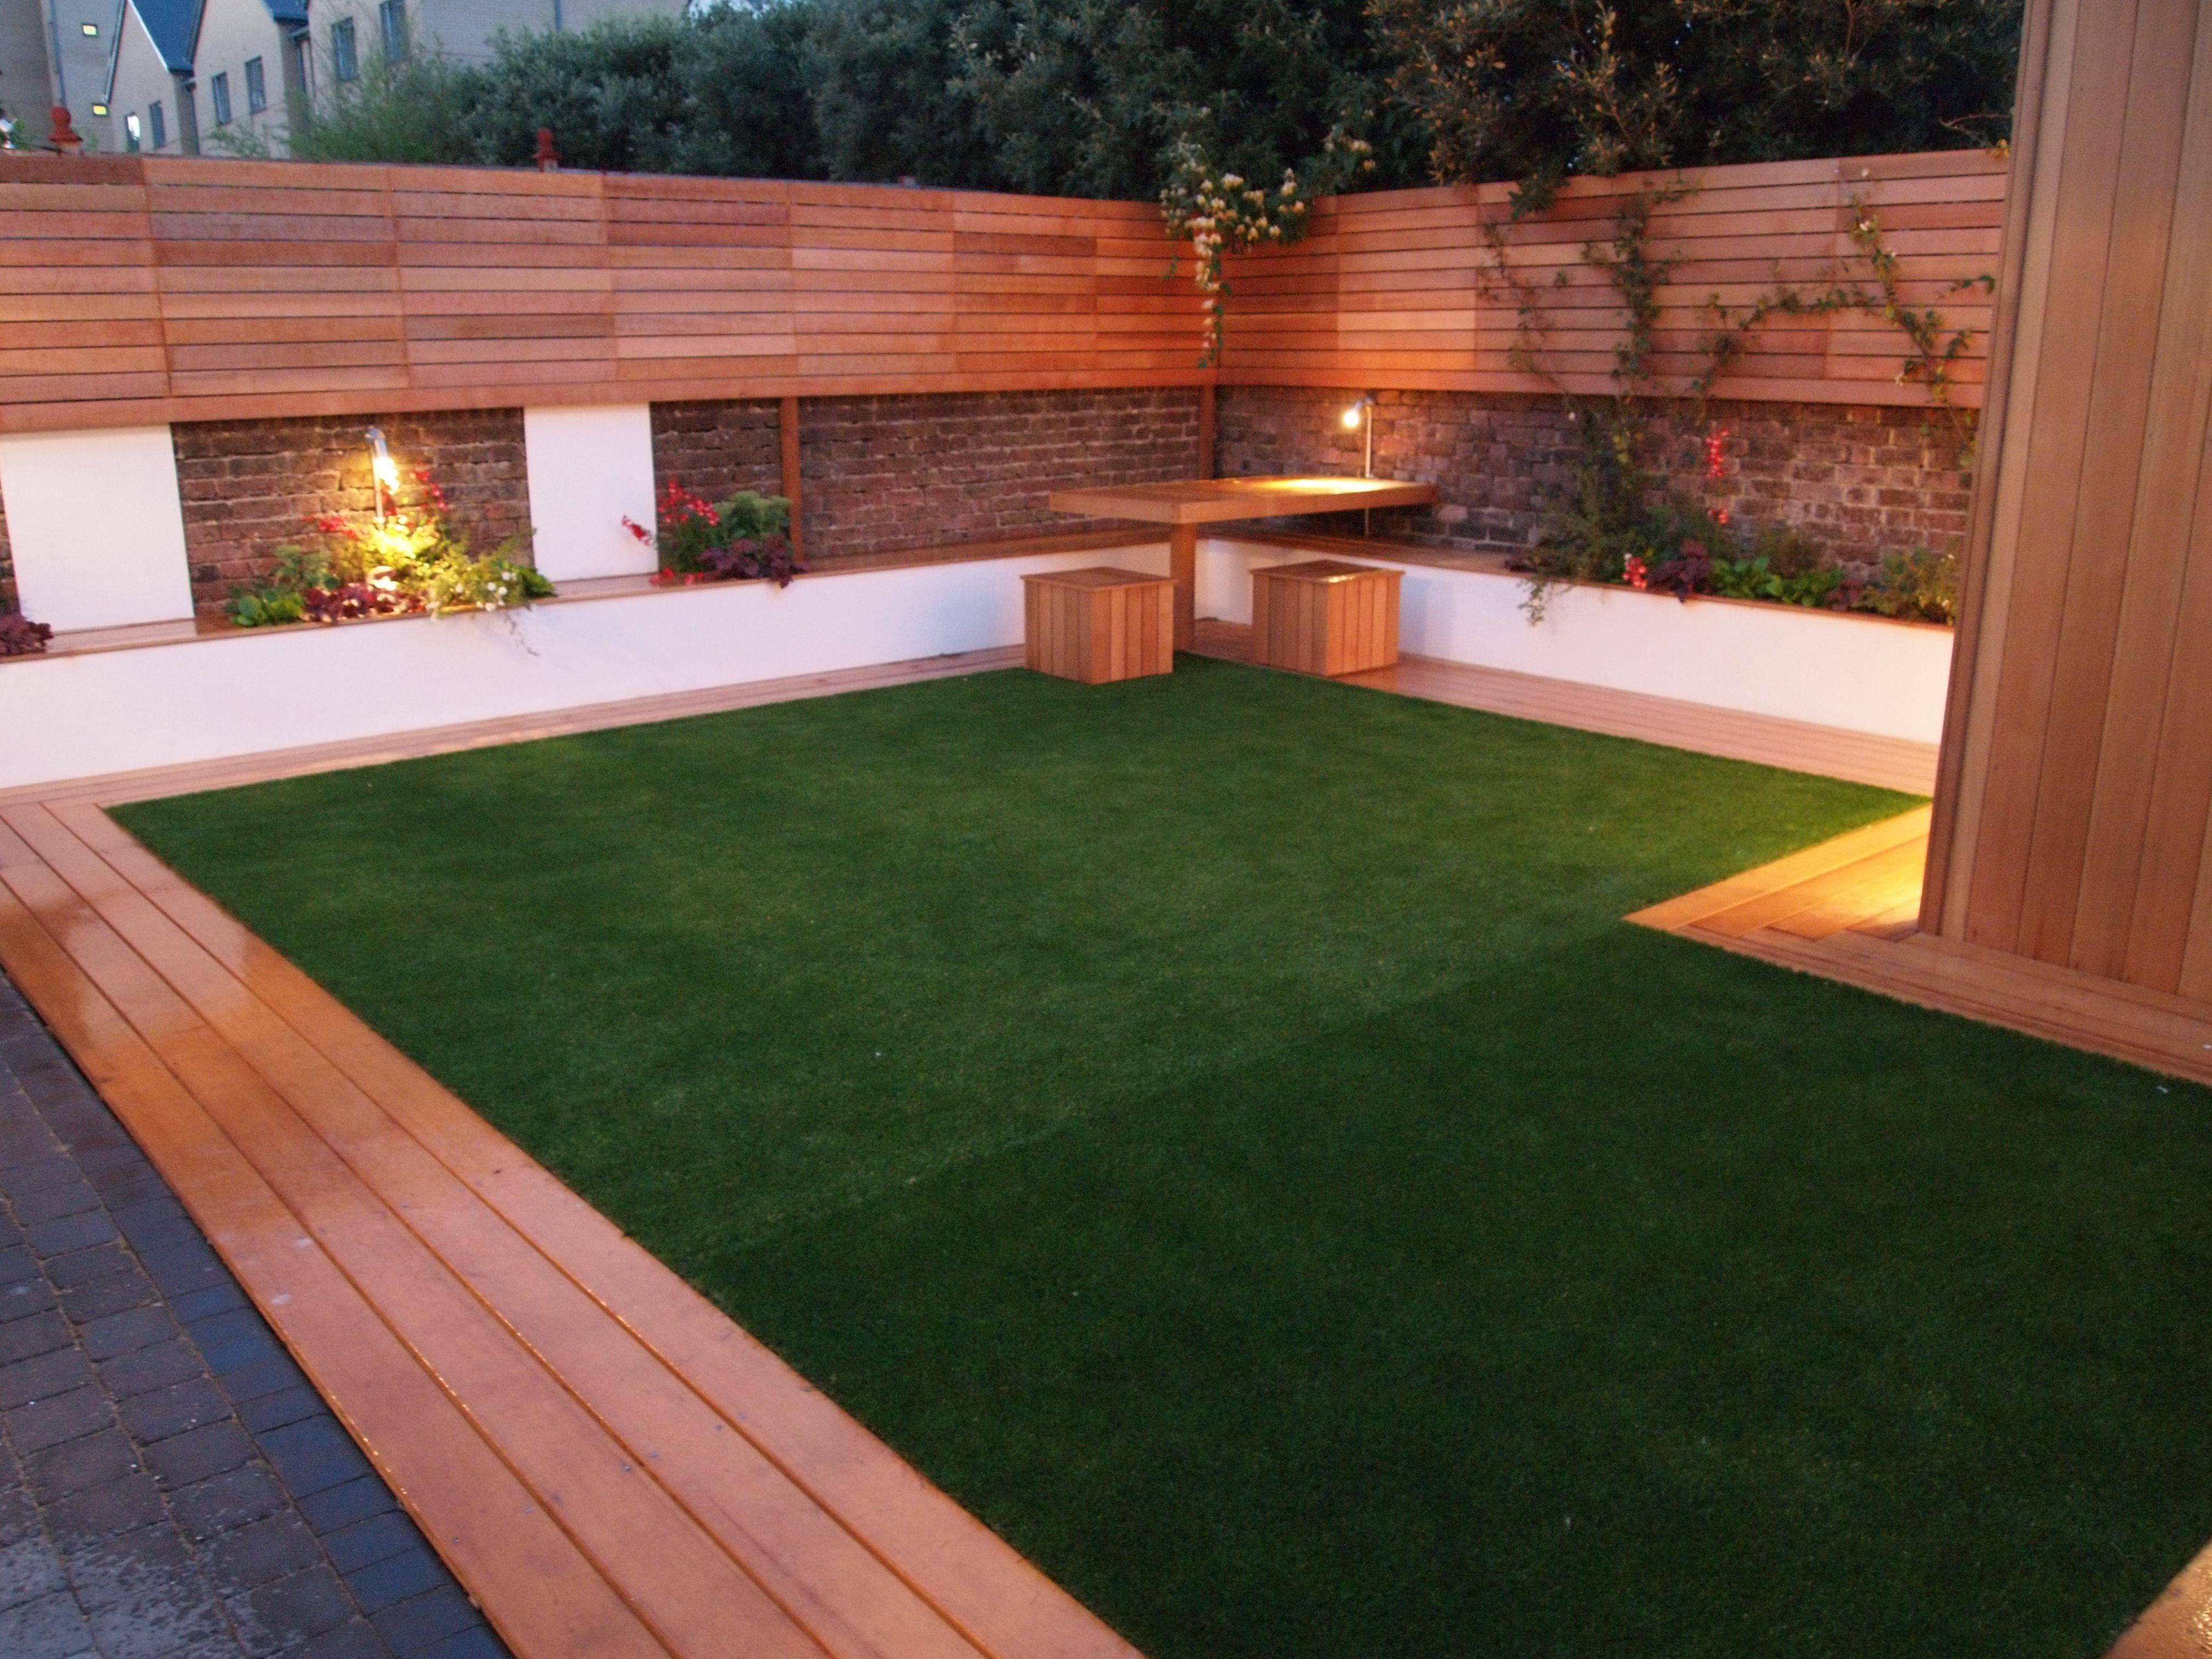 Terraza con c sped artificial c sped artificial - Cesped artificial terraza ...